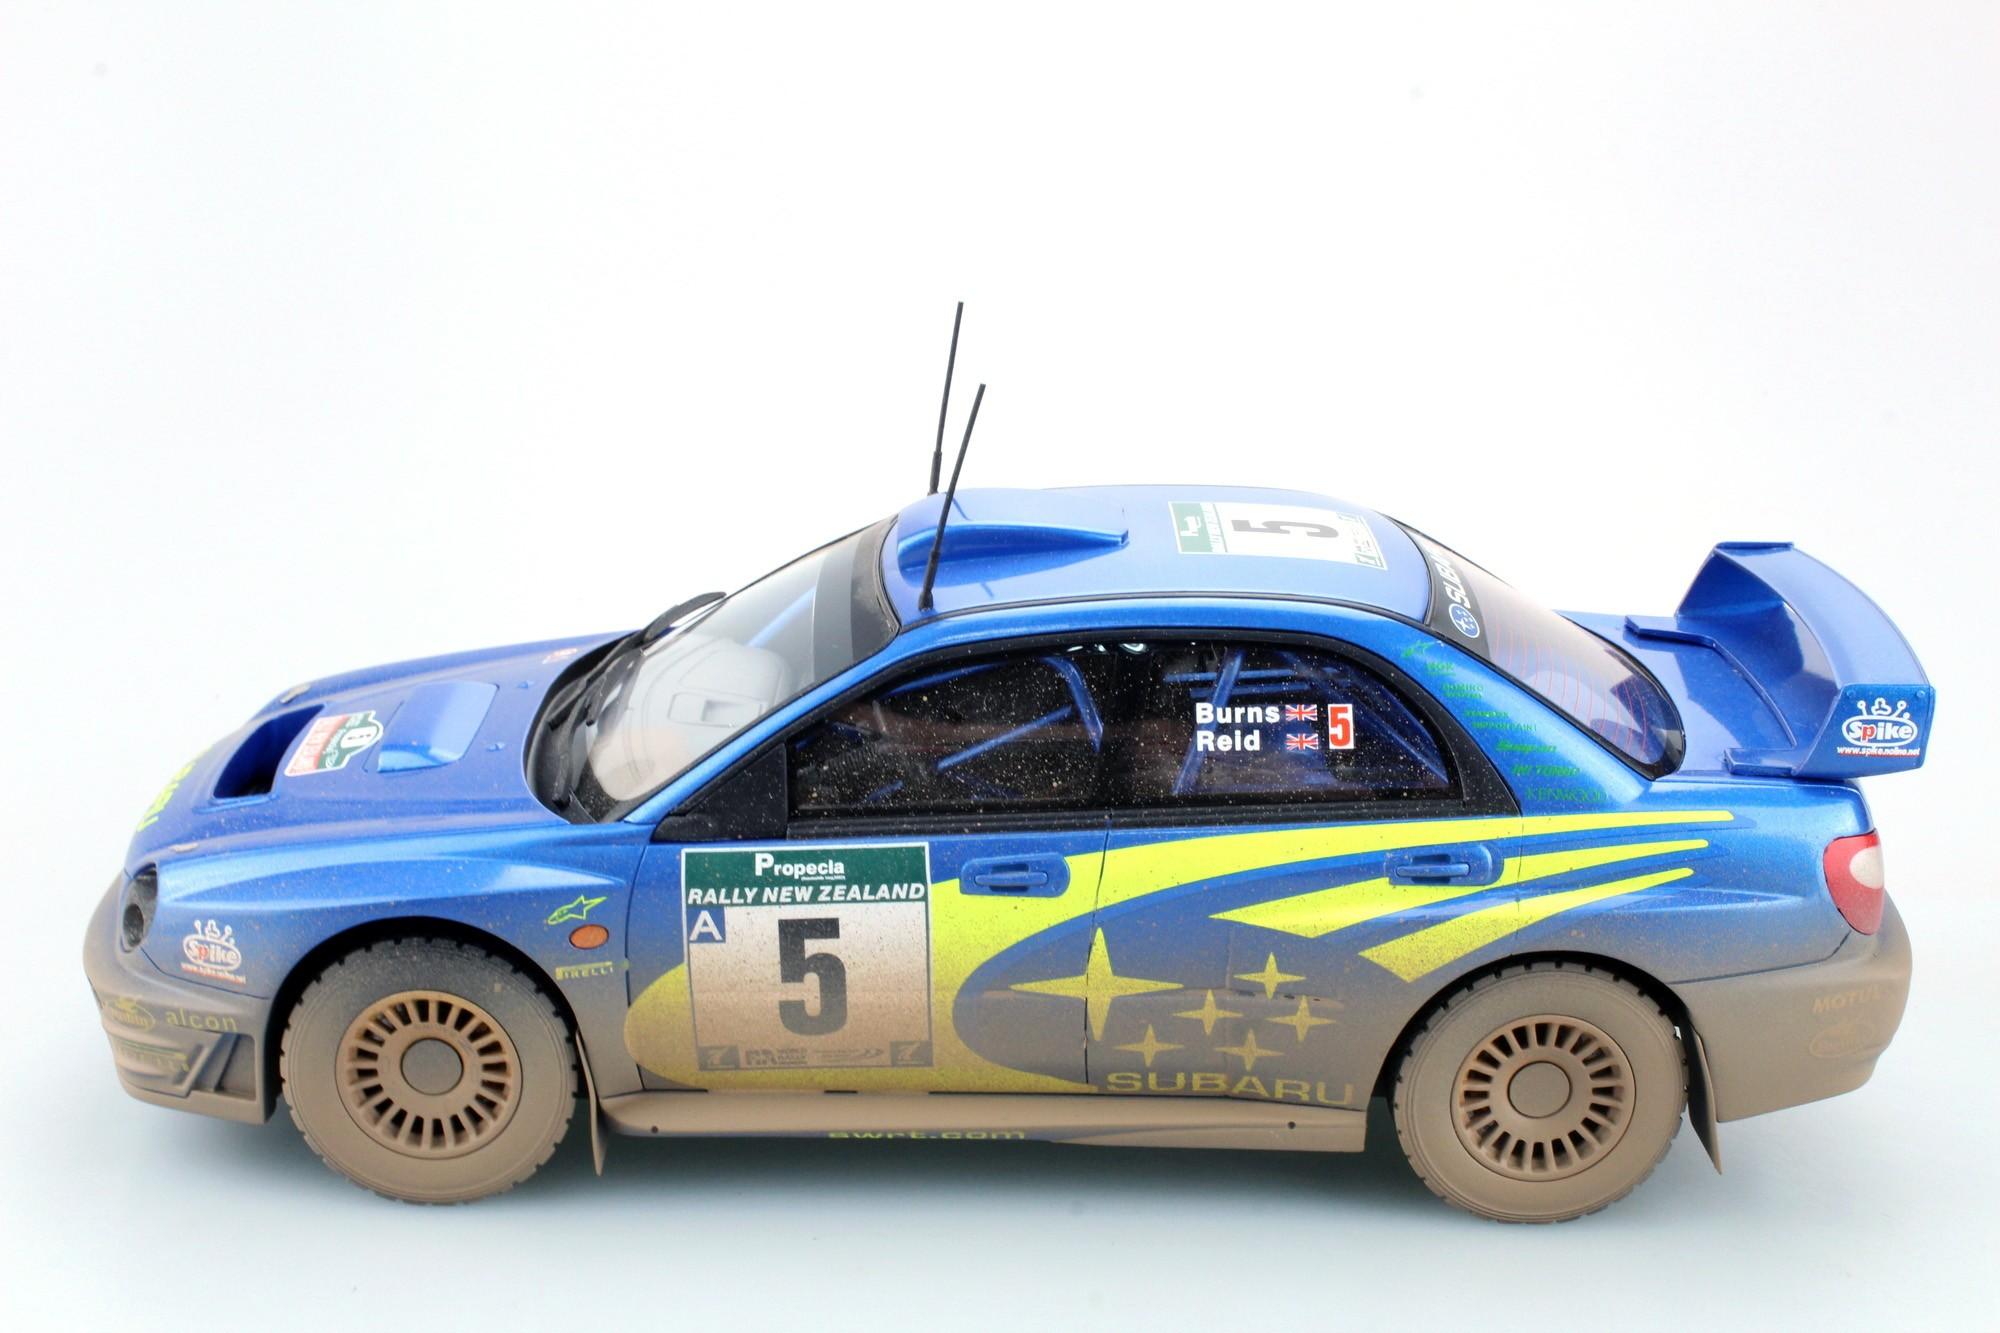 Top Marques Collectibles Subaru Impreza S7 555 Wrt New